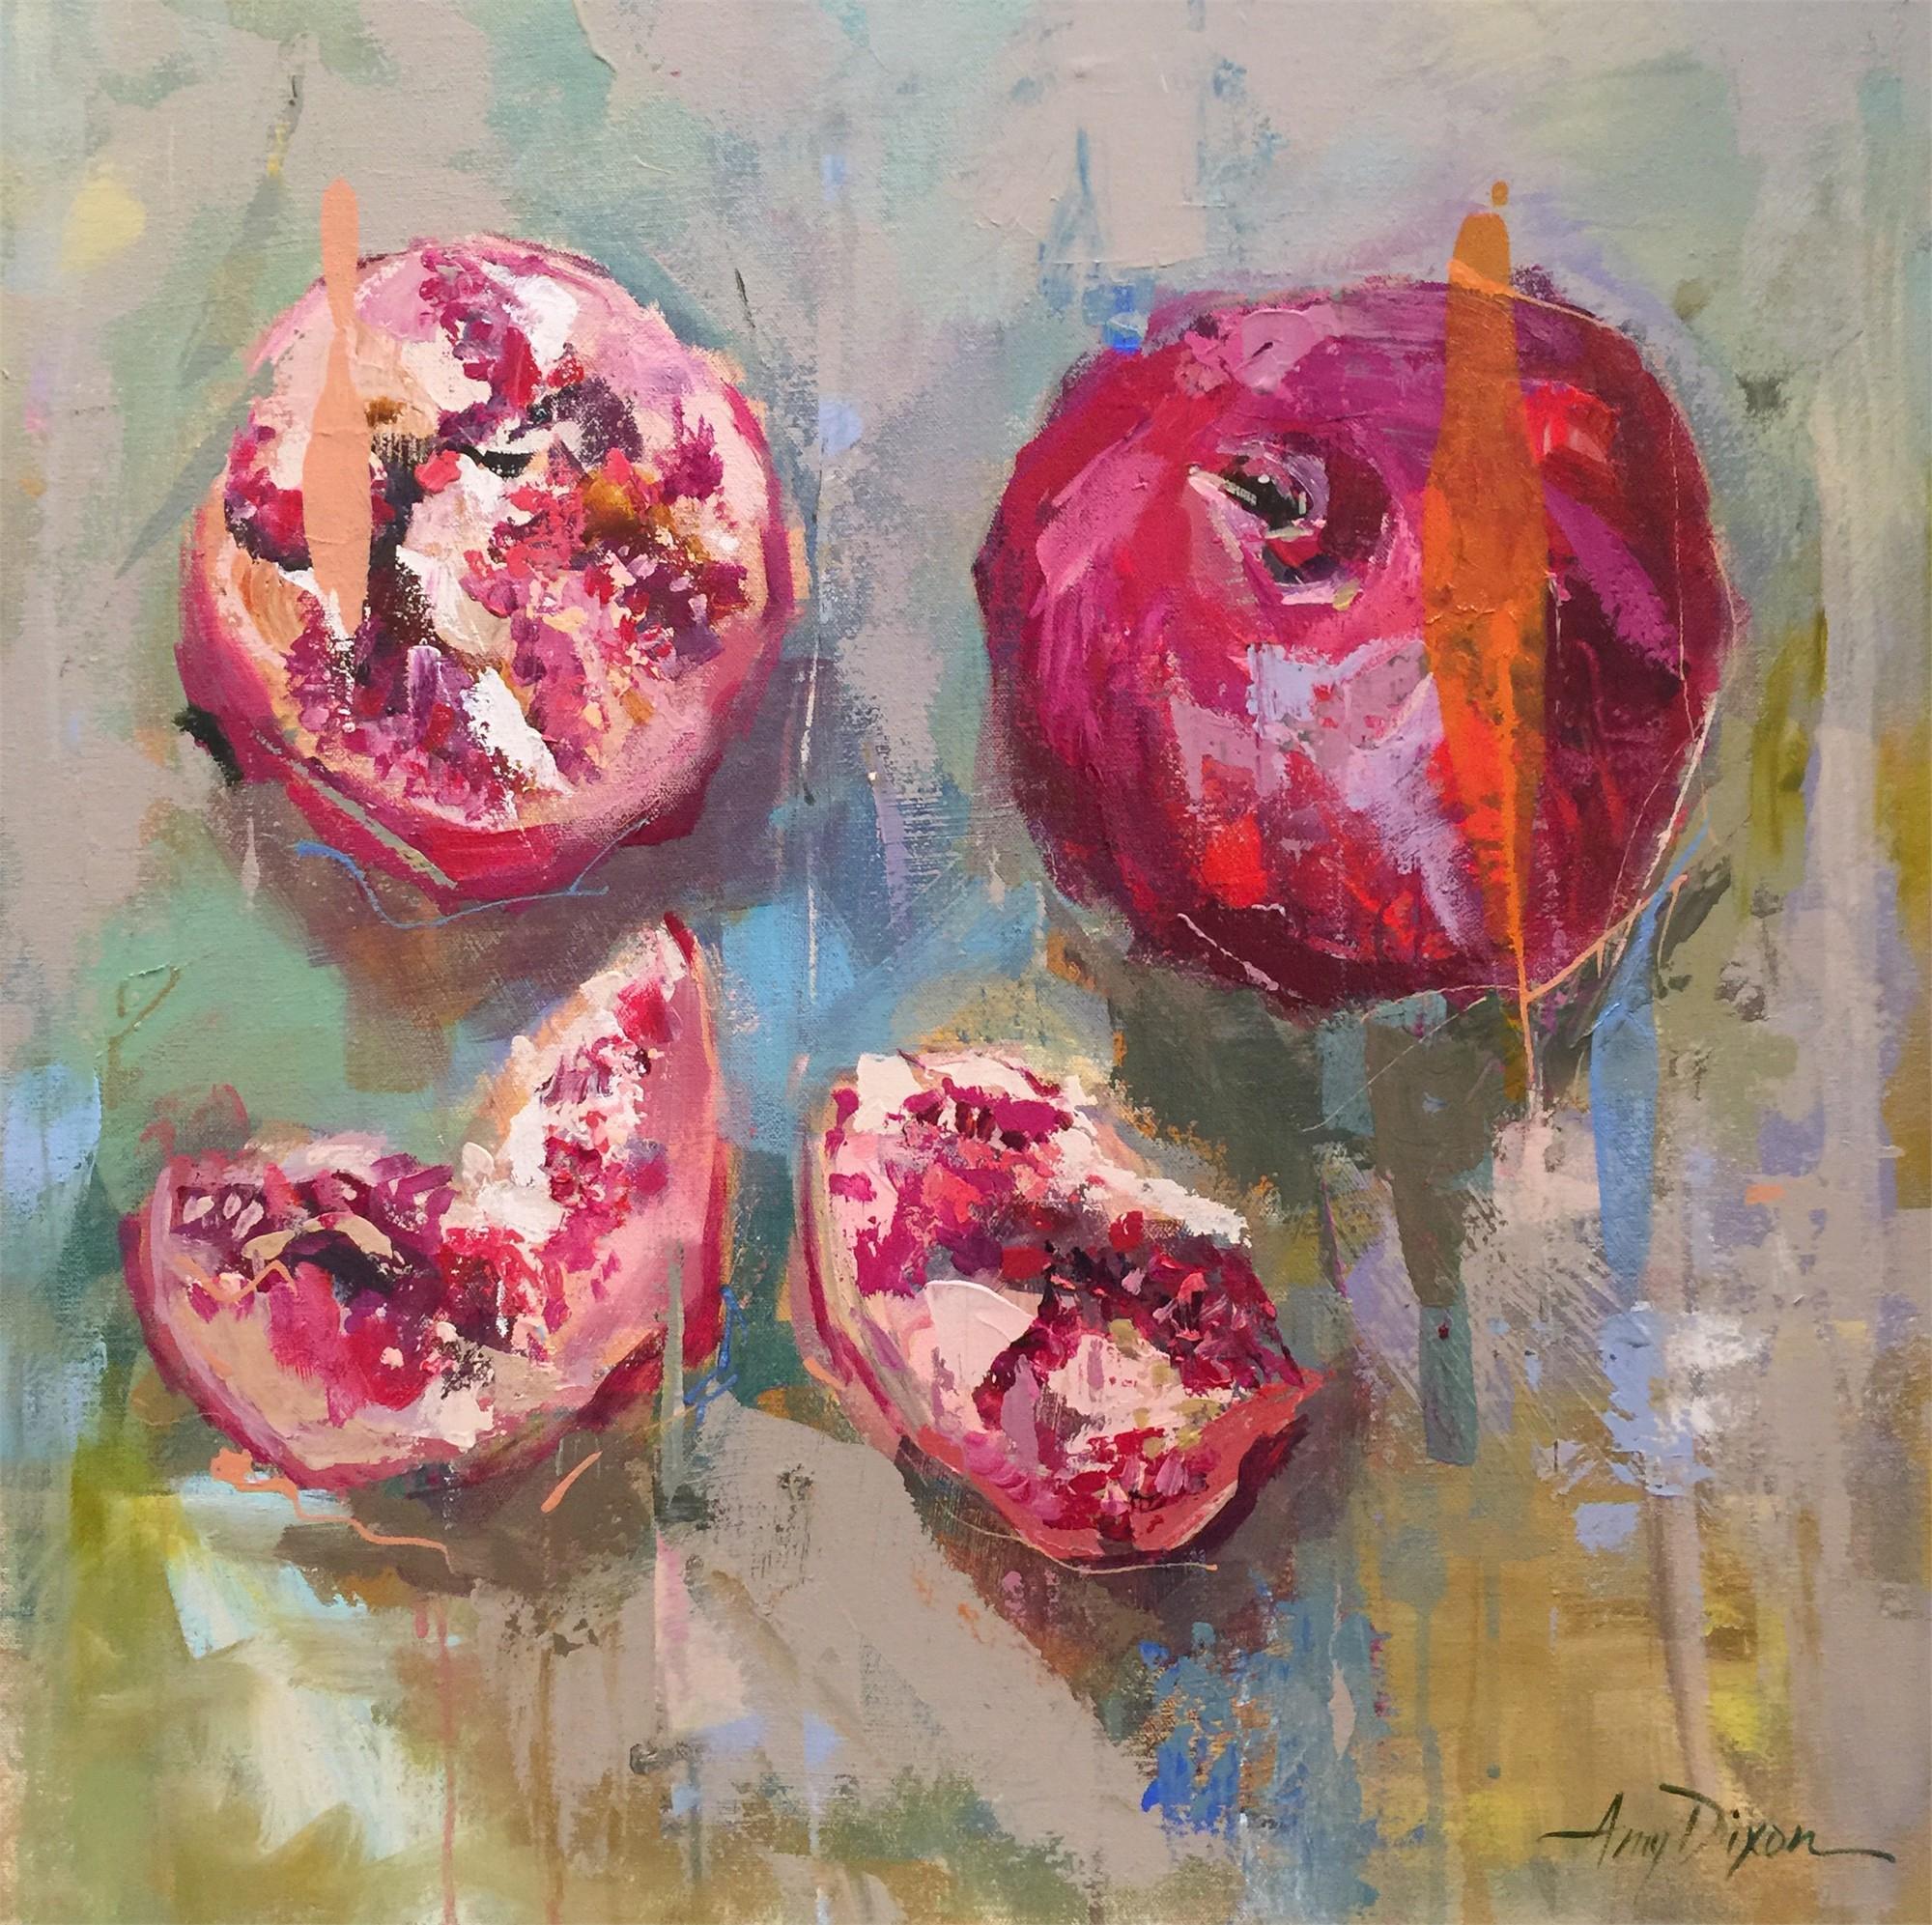 Pomegranates Alla Prima by Amy Dixon